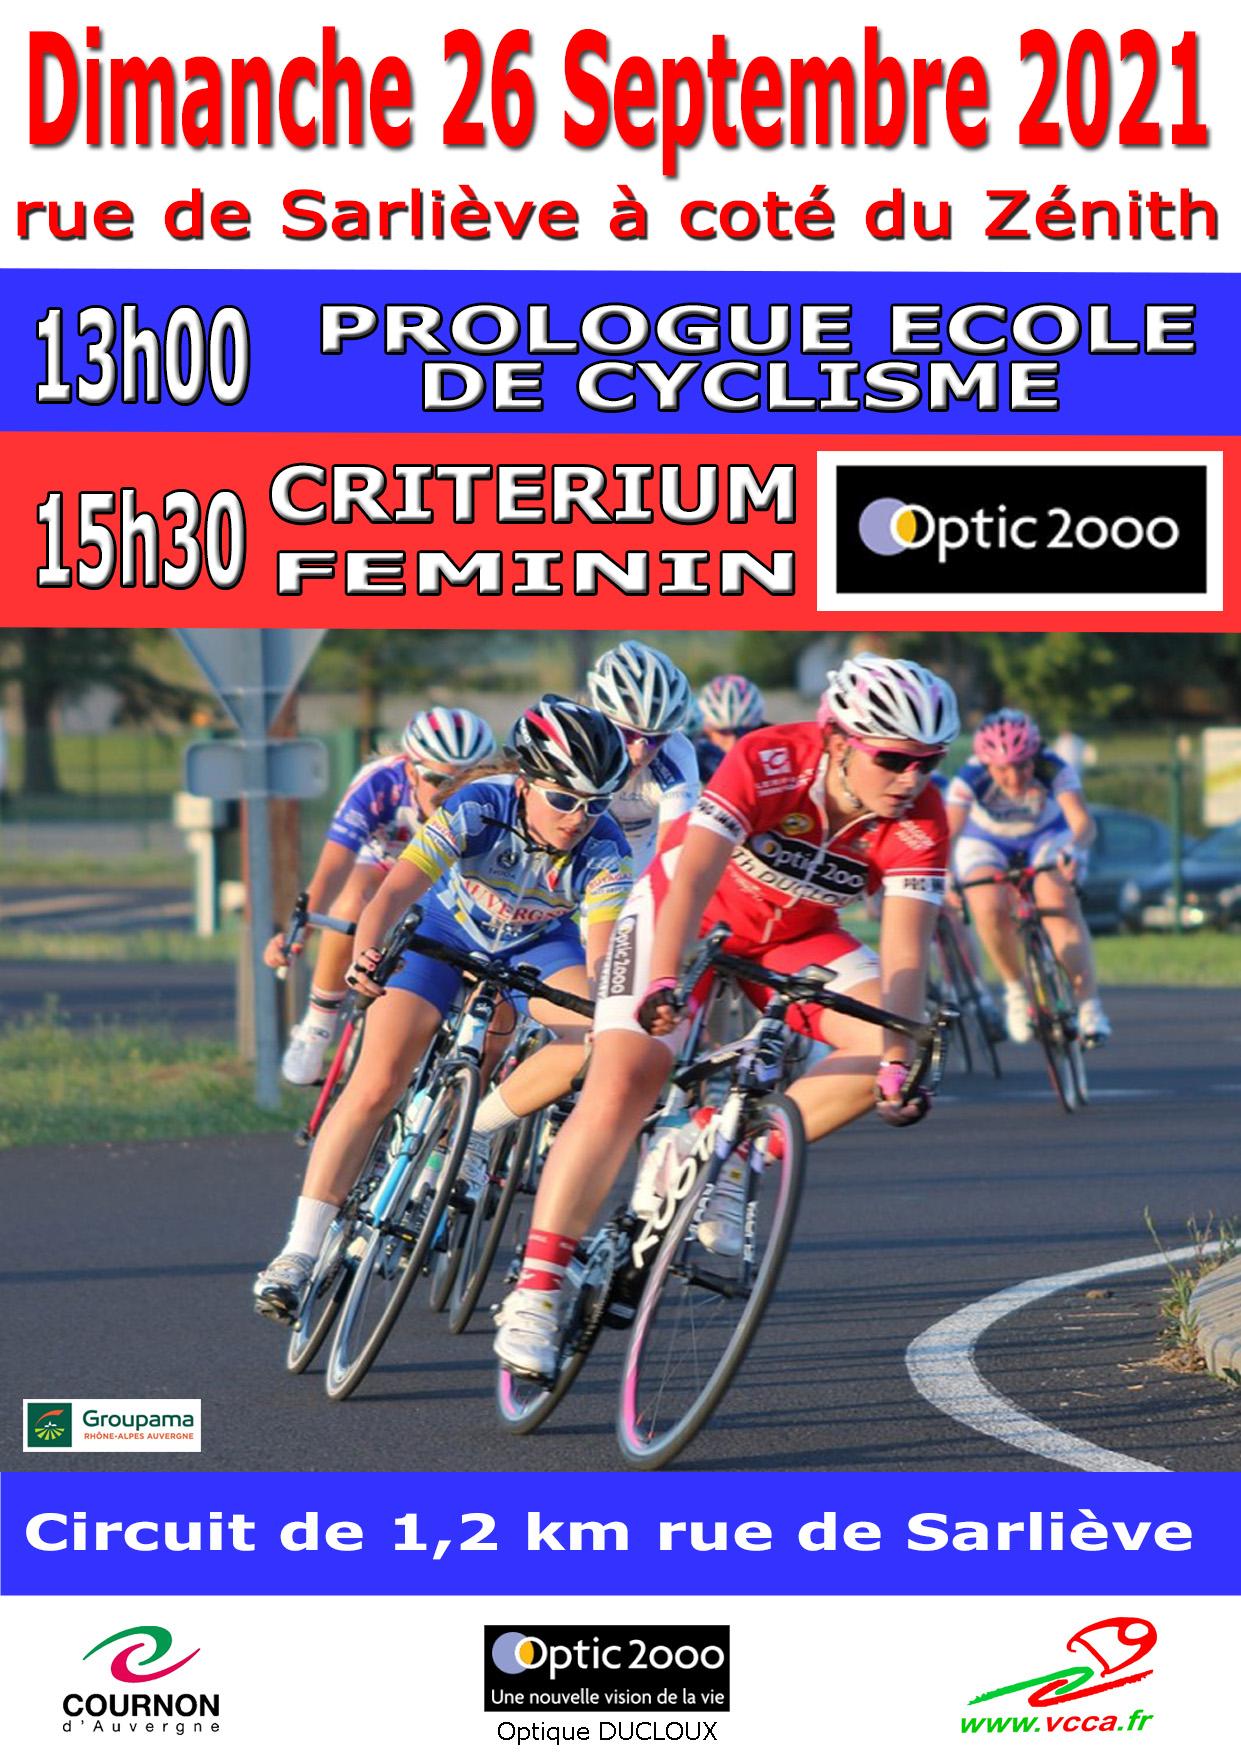 CRITERIUM FEMININ ET PROLOGUE ECOLE DE CYCLISME @ Circuit de 1,2 km